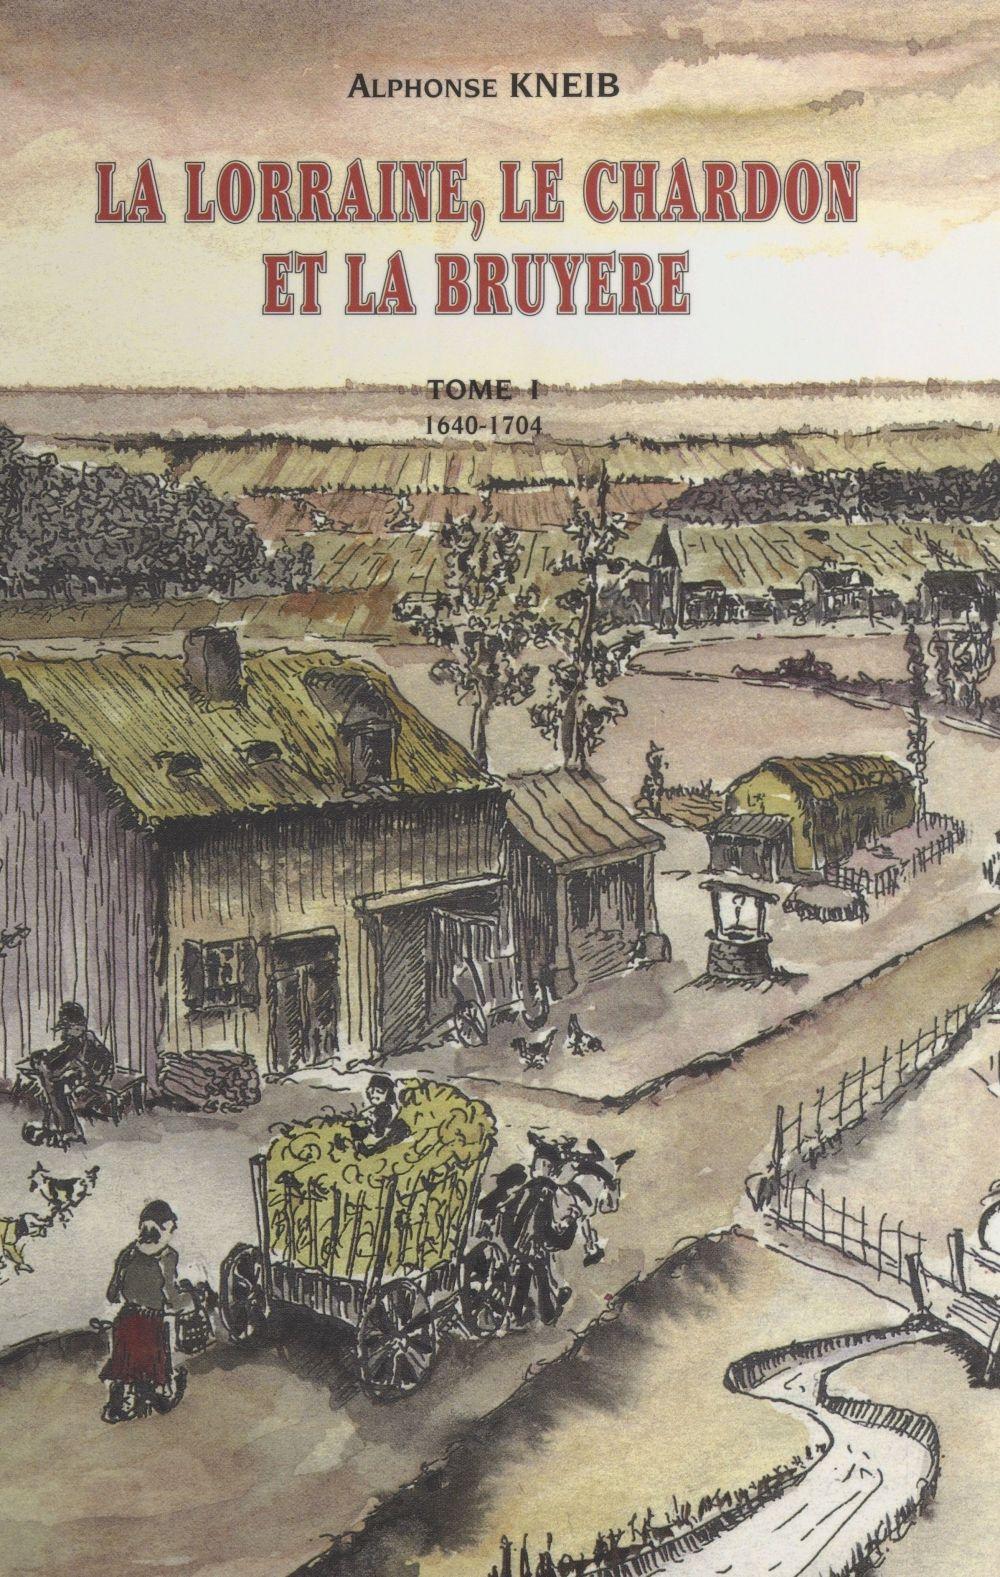 La Lorraine, le chardon et la bruyère (1) : 1640-1704